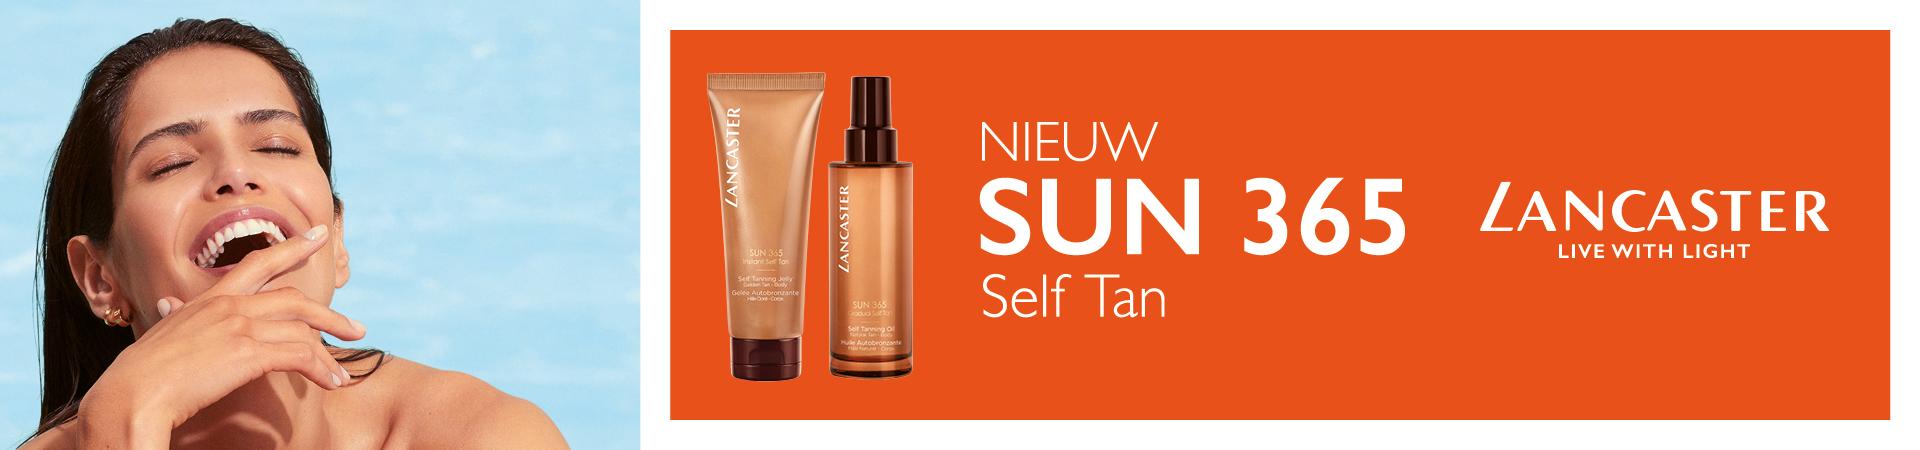 Sun 365 Self Tan